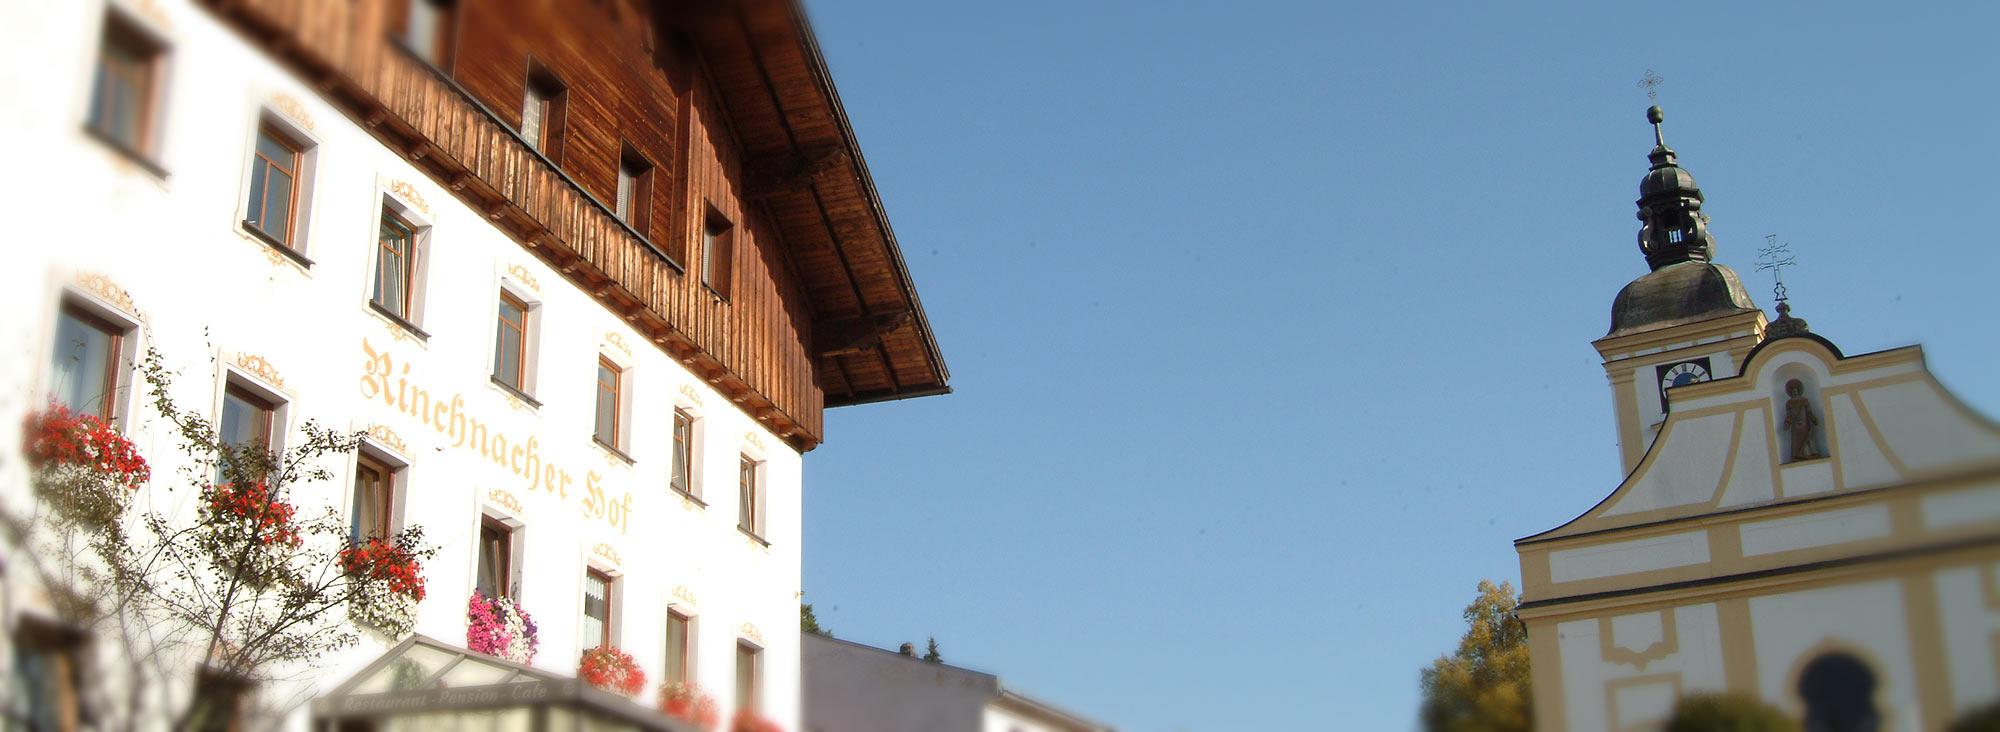 rinchnacher-hof_biergar_01.jpg